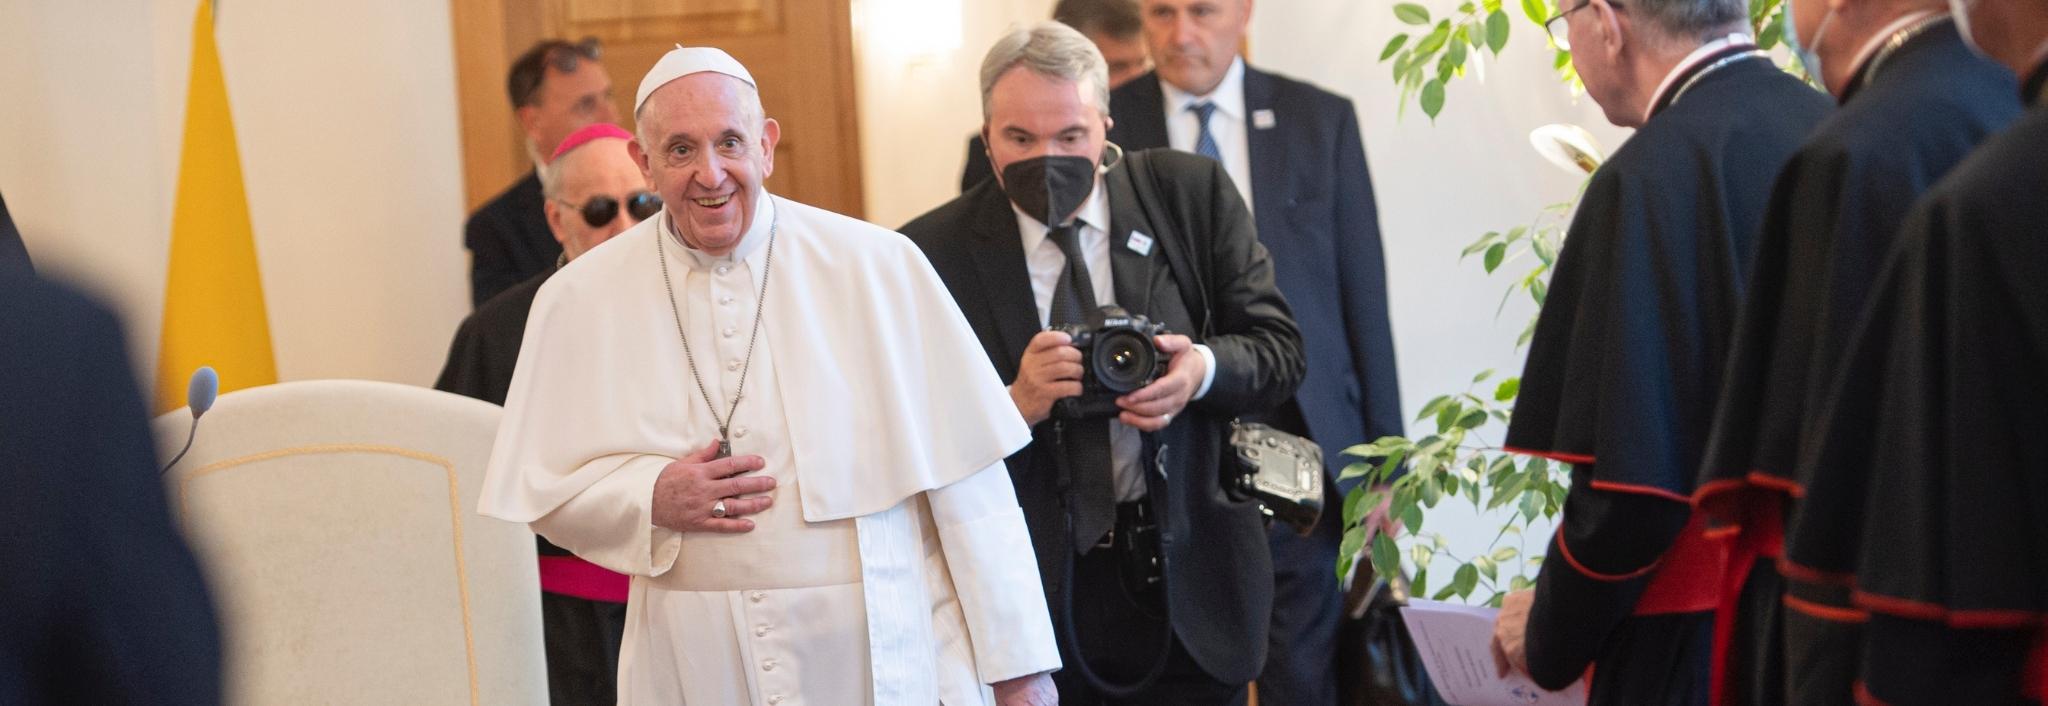 Návšteva Svätého Otca Františka v archíve TV LUX